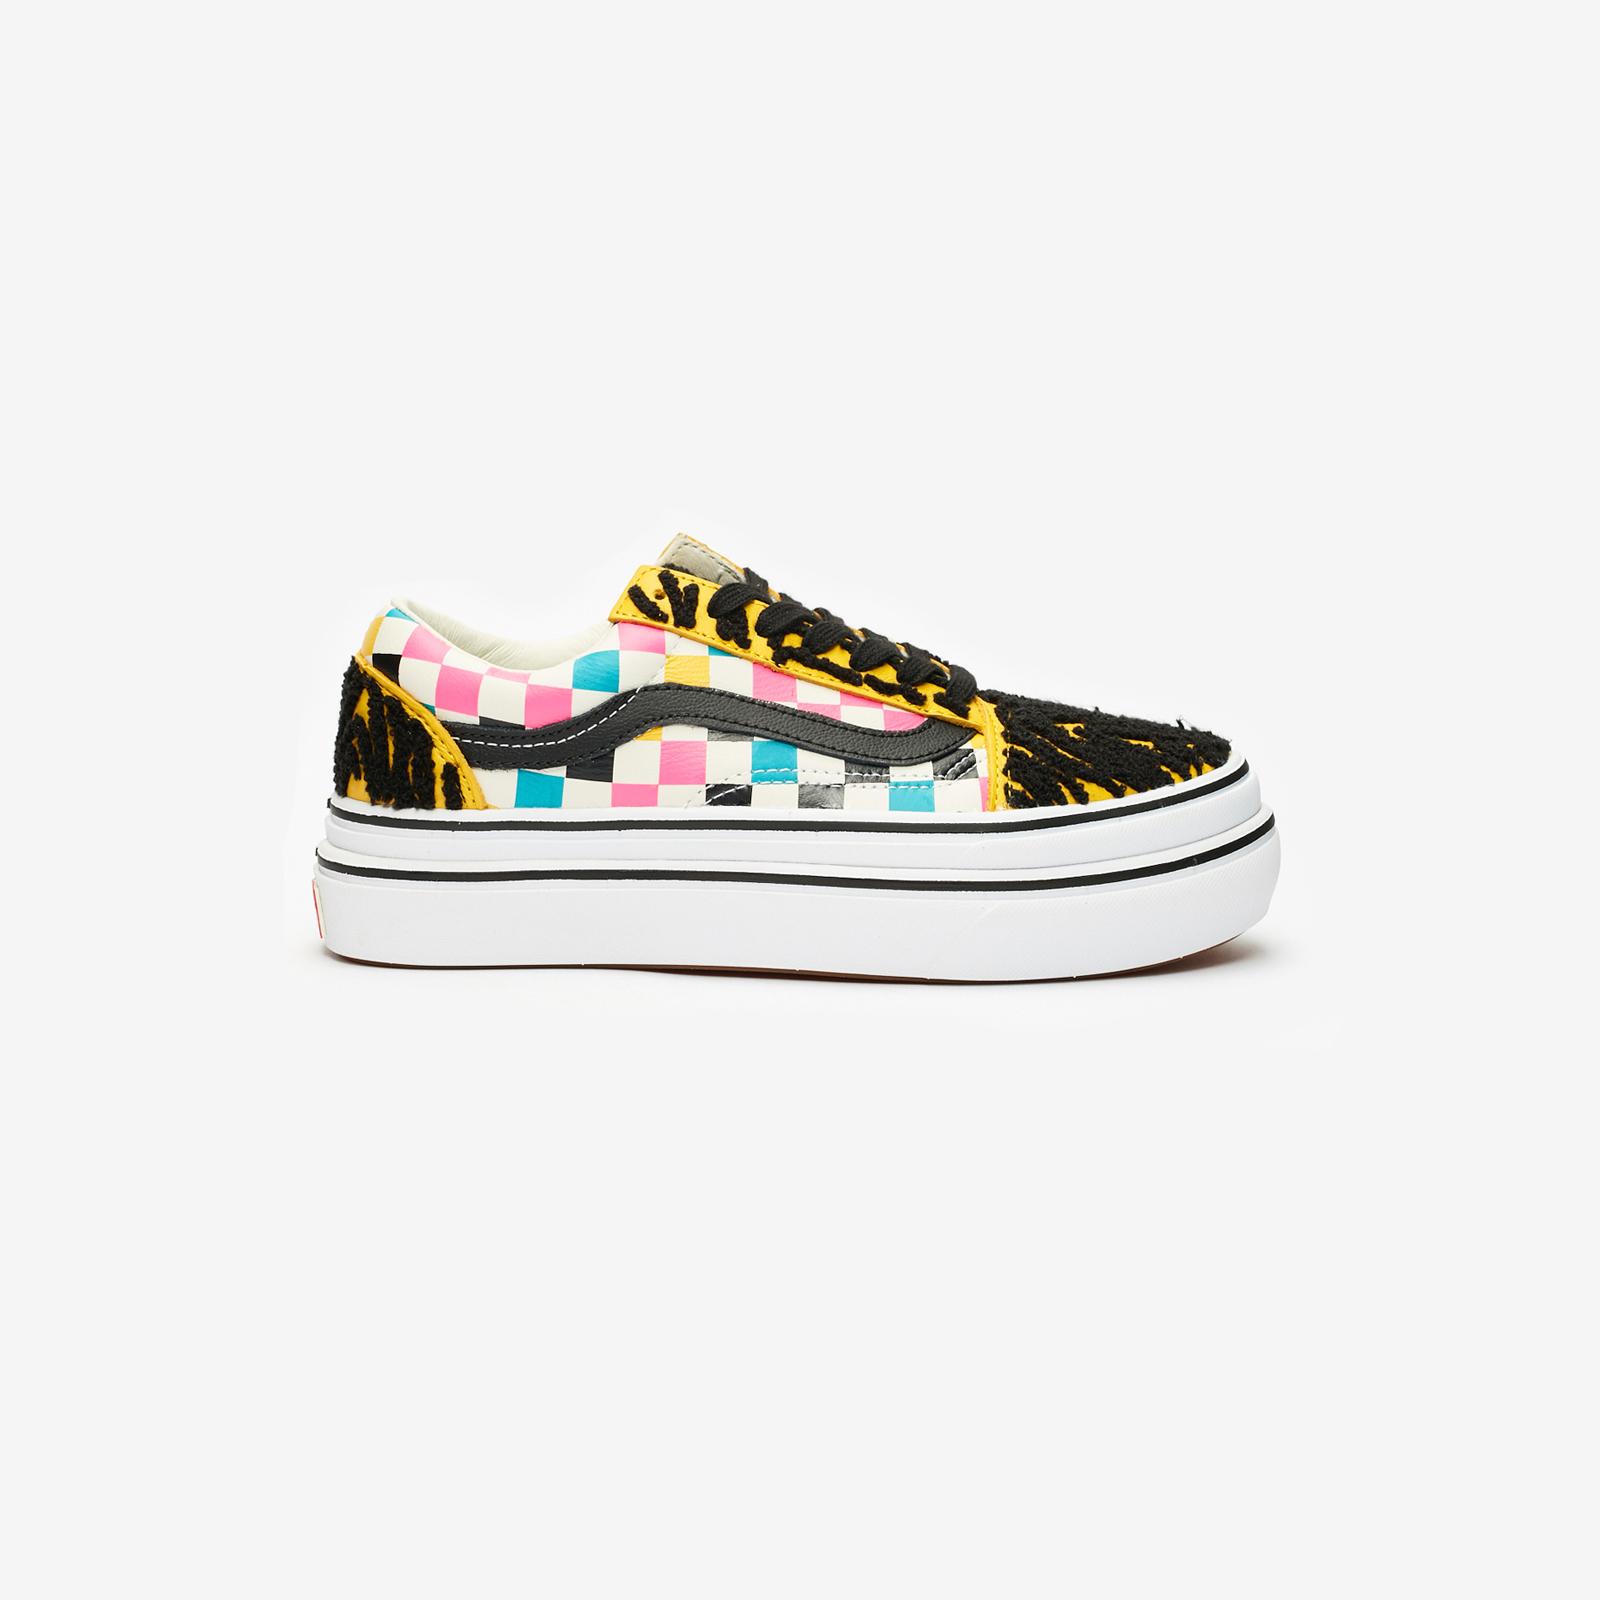 Vans Super ComfyCush Old Skool LX - Vn0a4u1ext21 - SNS | sneakers ...